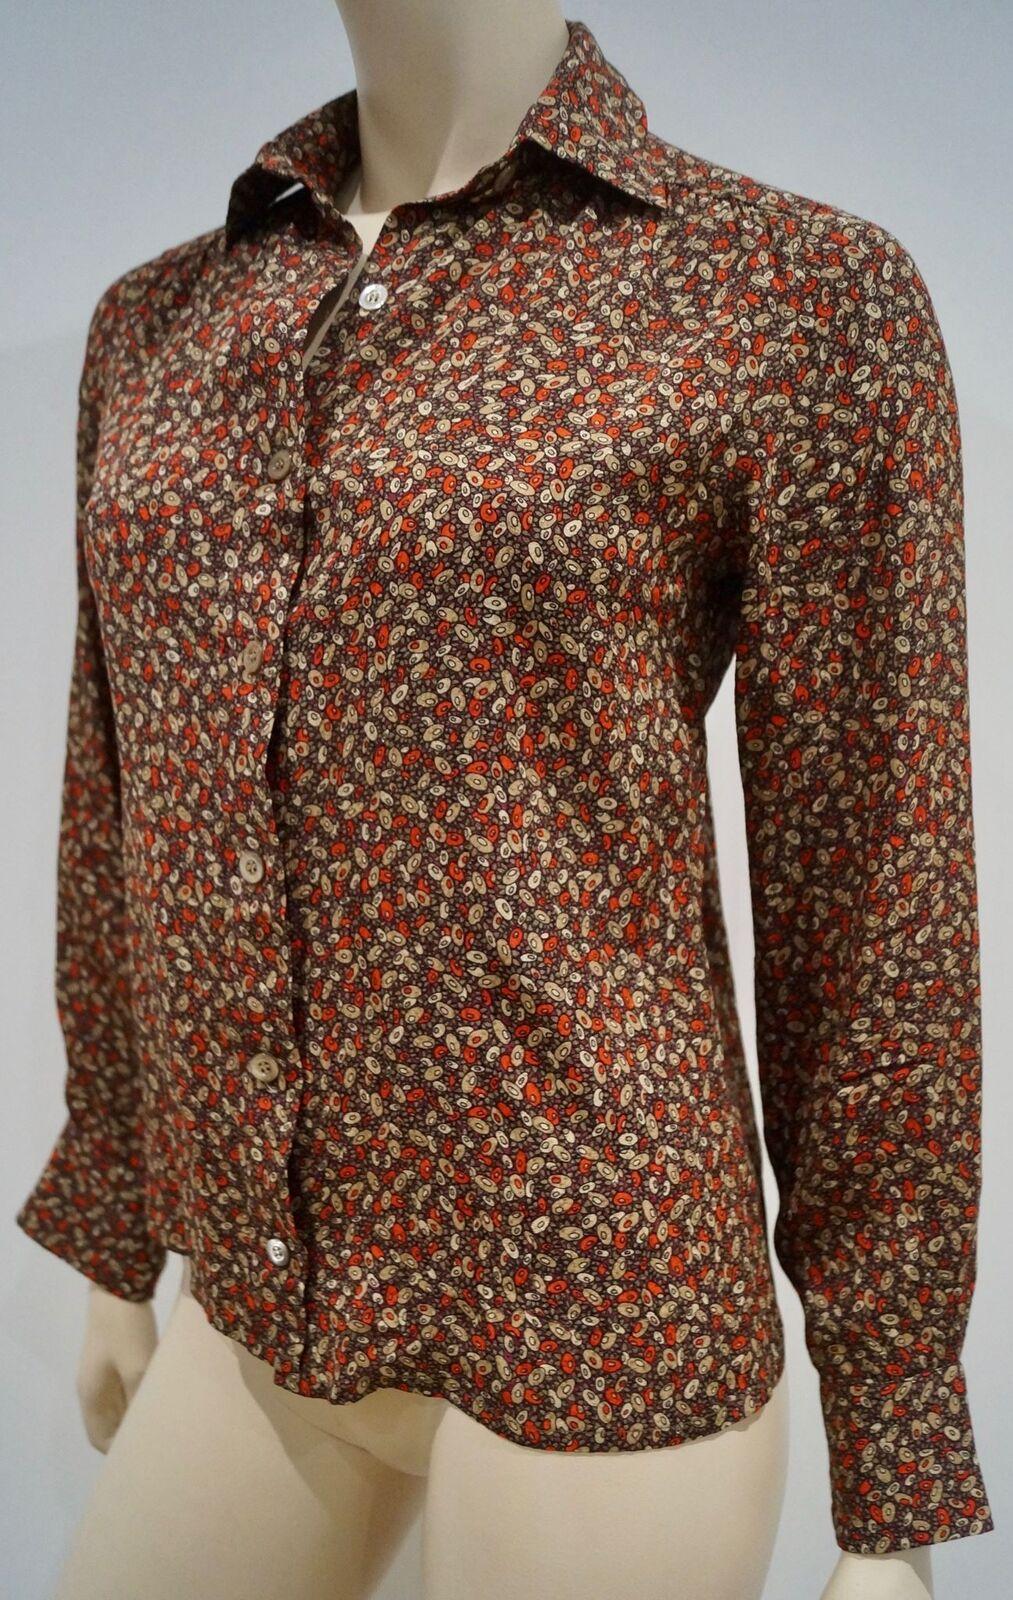 CELINE Seta Multi colore PARIS Stampa Geometrica con colletto manica lunga Blusa Top